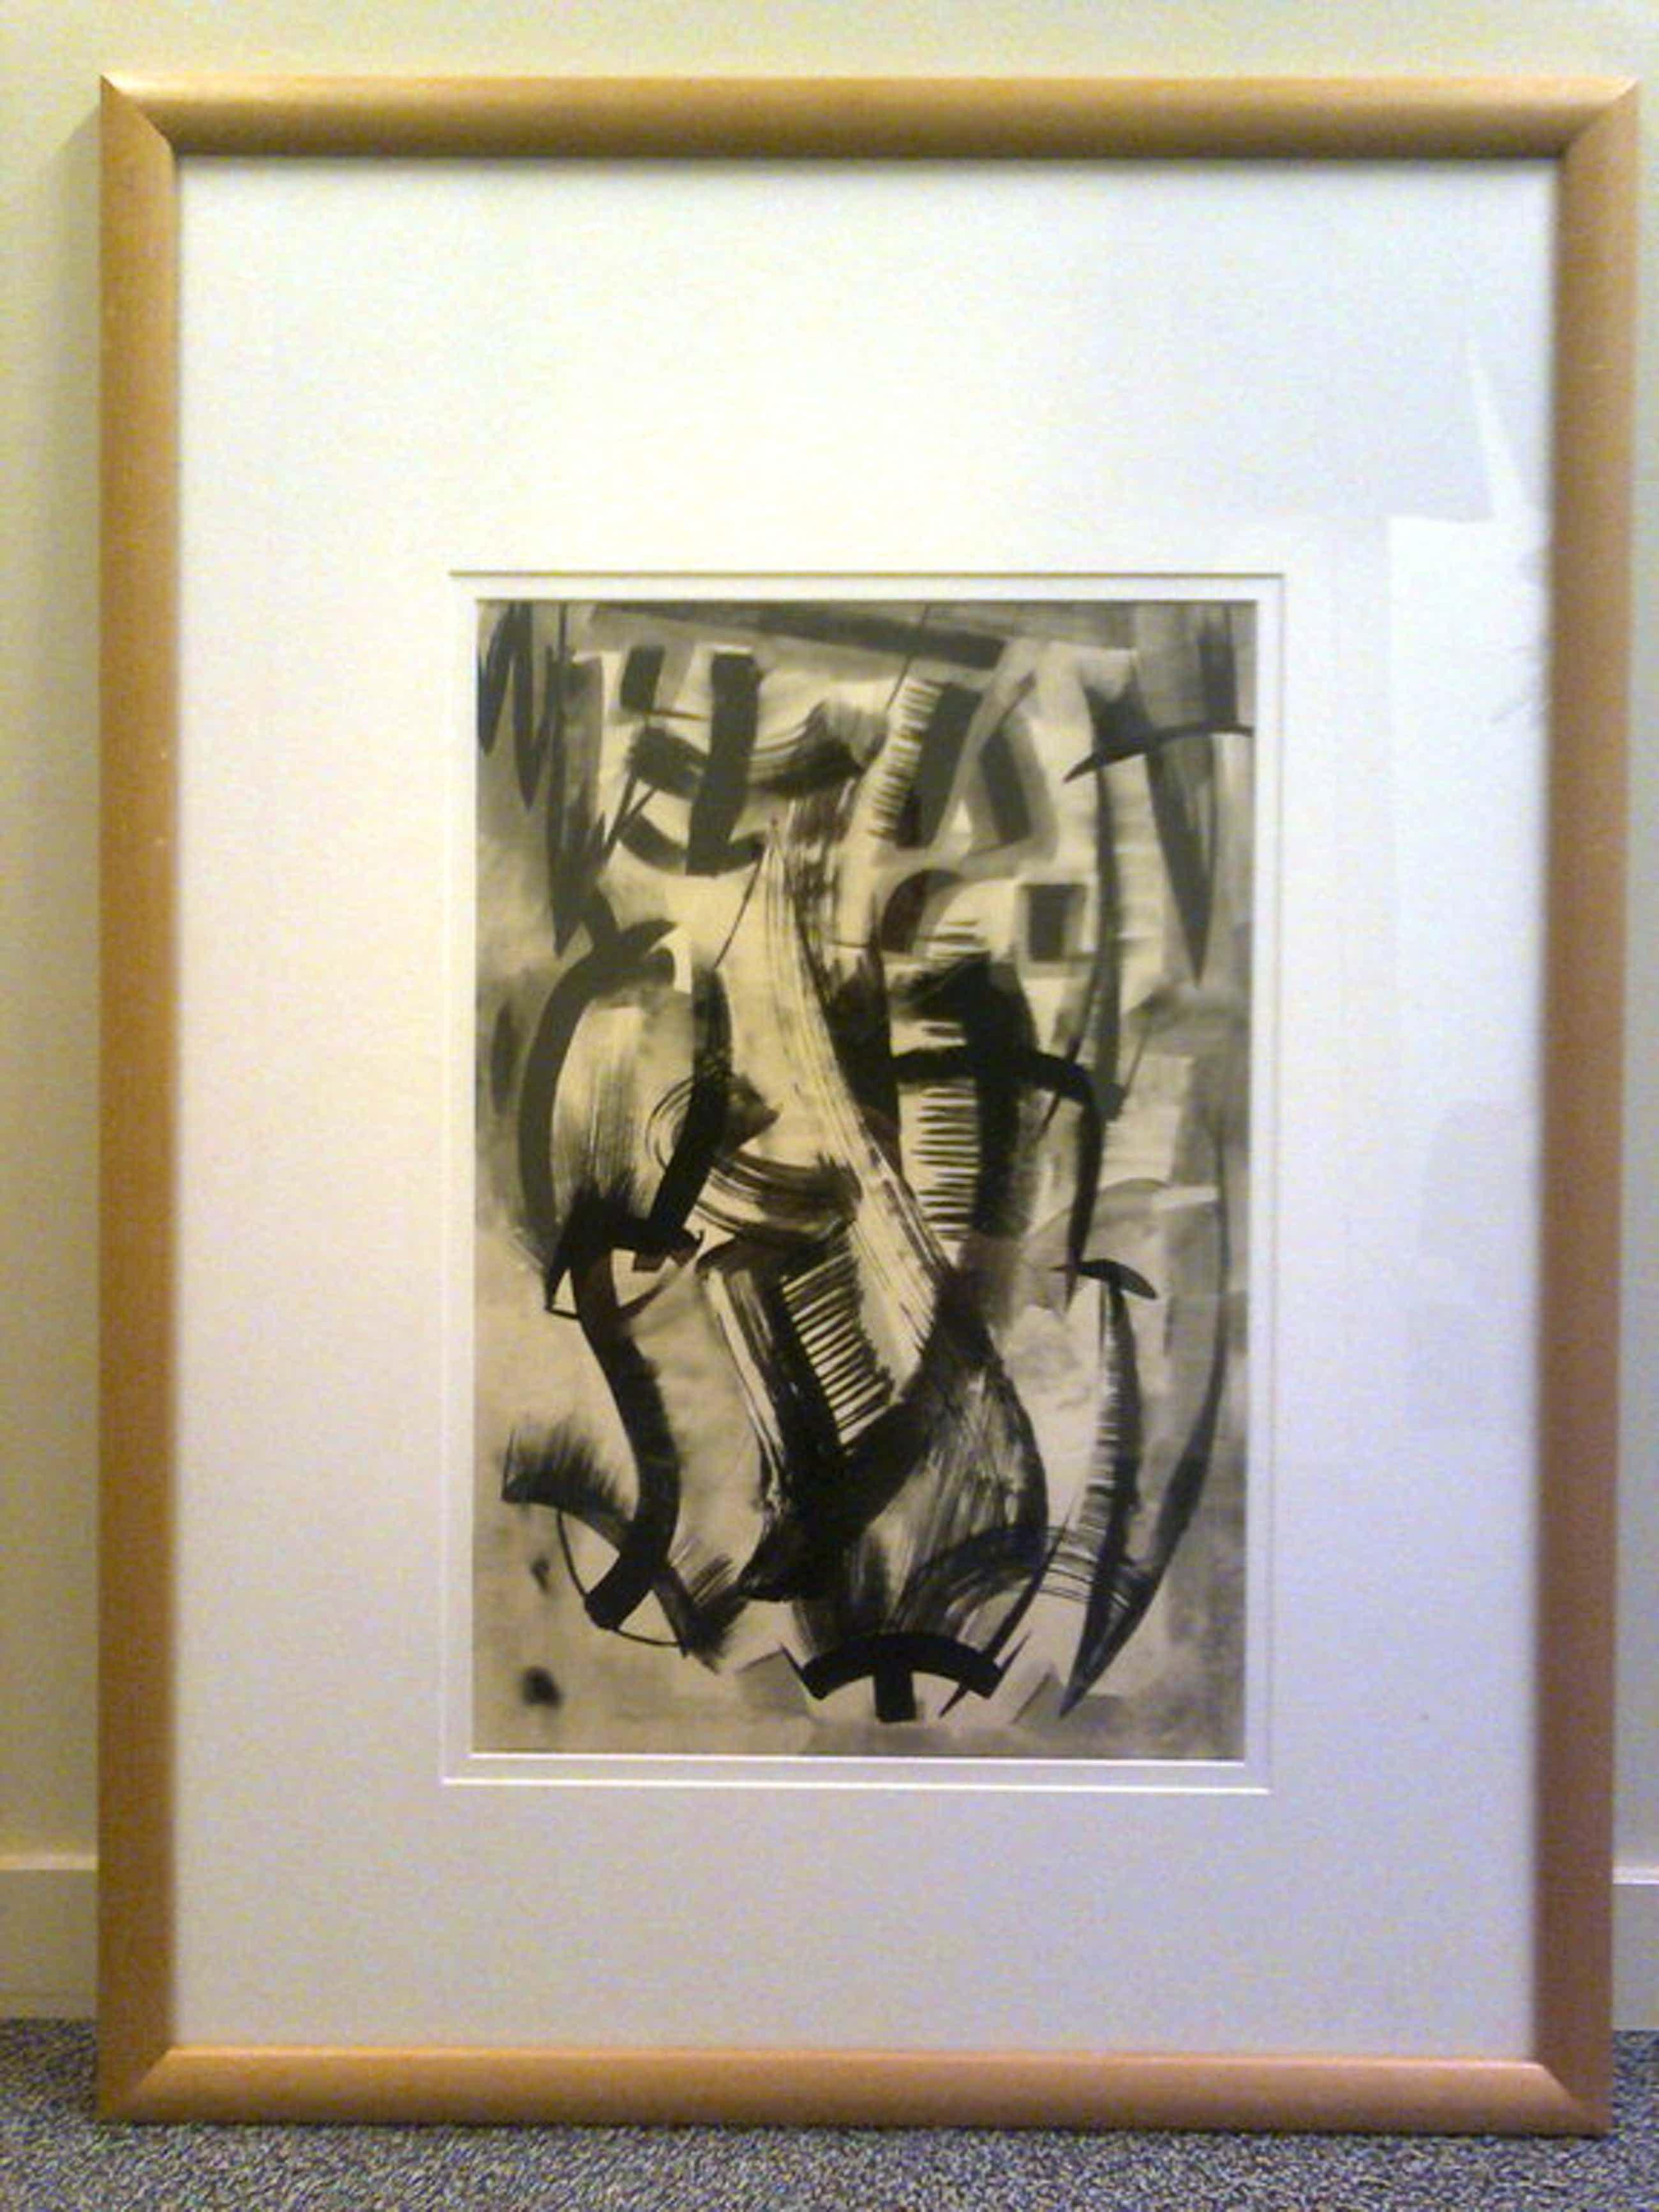 C.H. ter Reehorst Verf op papier, ingelijst 50x80cm  kopen? Bied vanaf 95!